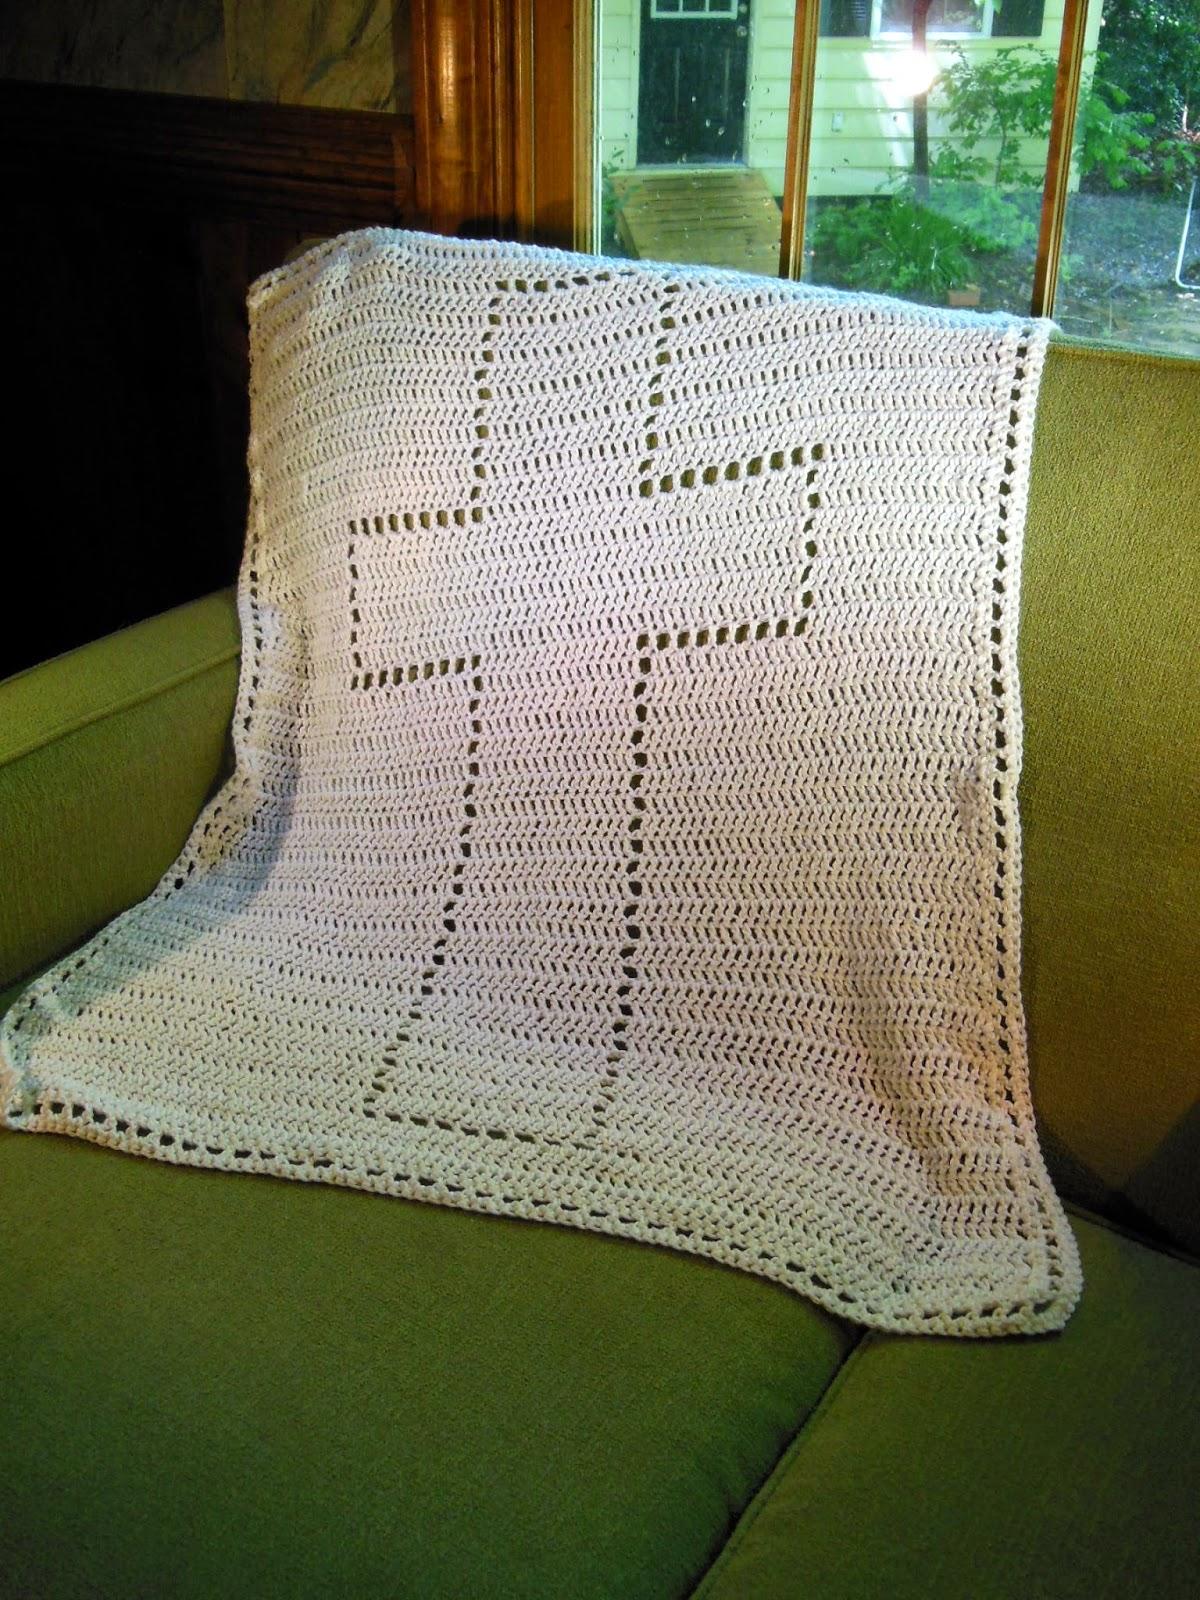 Christening Blanket Knitting Pattern : Hamburke: Baptism Blanket - free crochet pattern